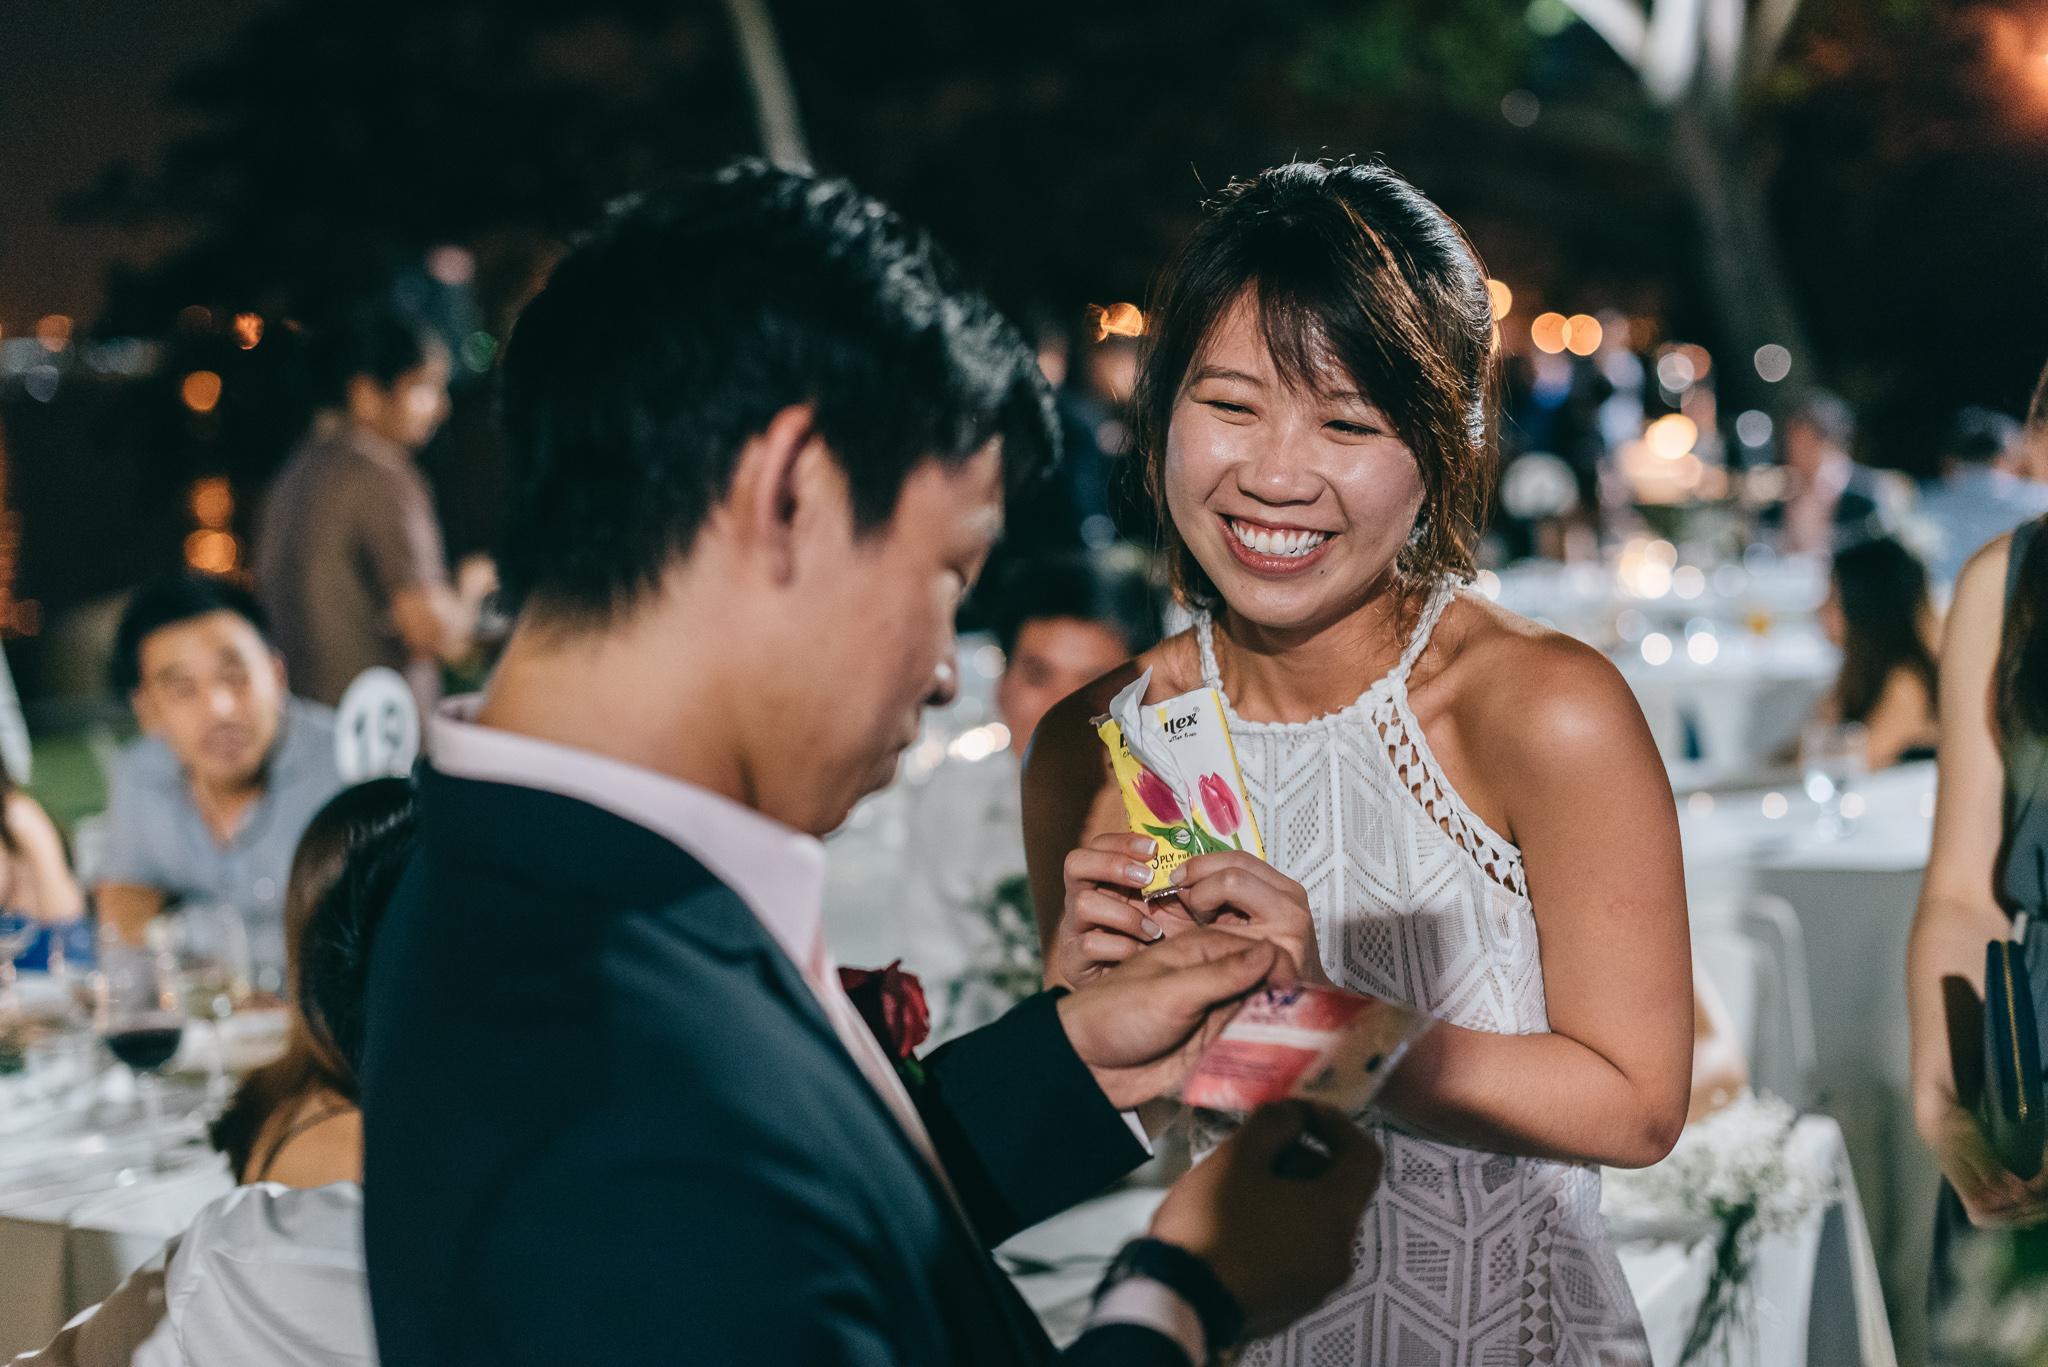 Lionel & Karen Wedding Day Highlights (resized for sharing) - 209.jpg